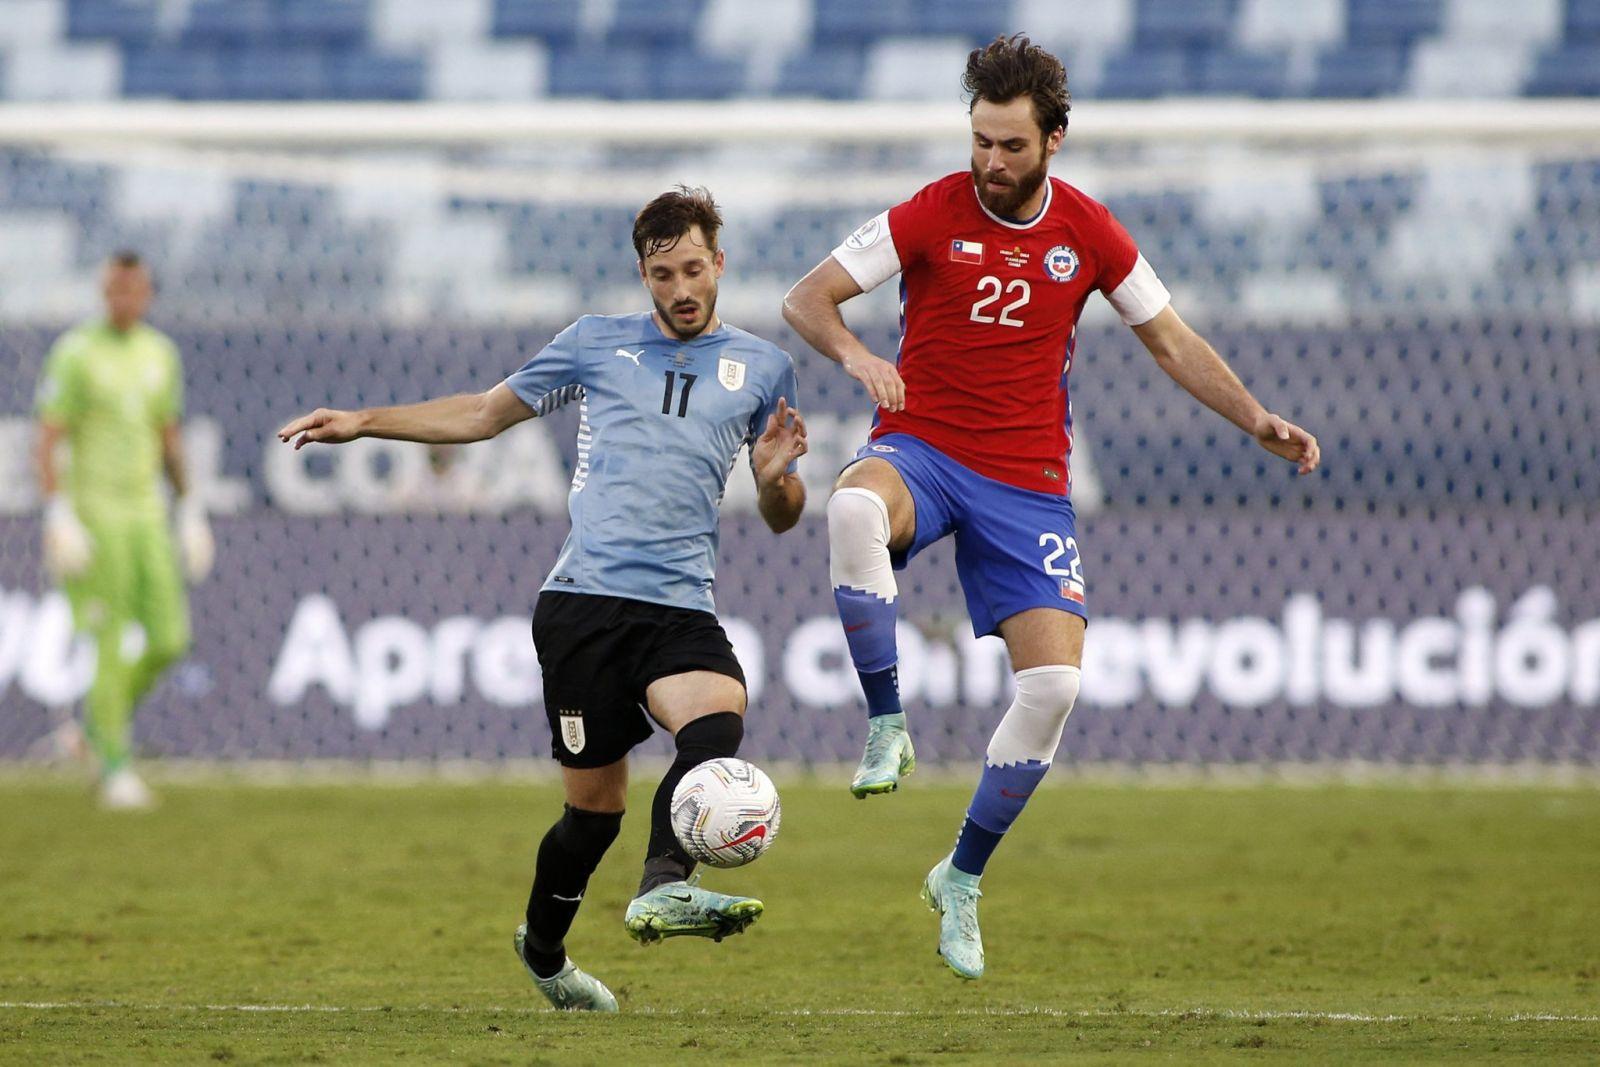 Tuyển Uruguay (trái) chiếm ưu thế nhưng gặp nhiều khó khăn trước hàng thủ tuyển Chile. AFP